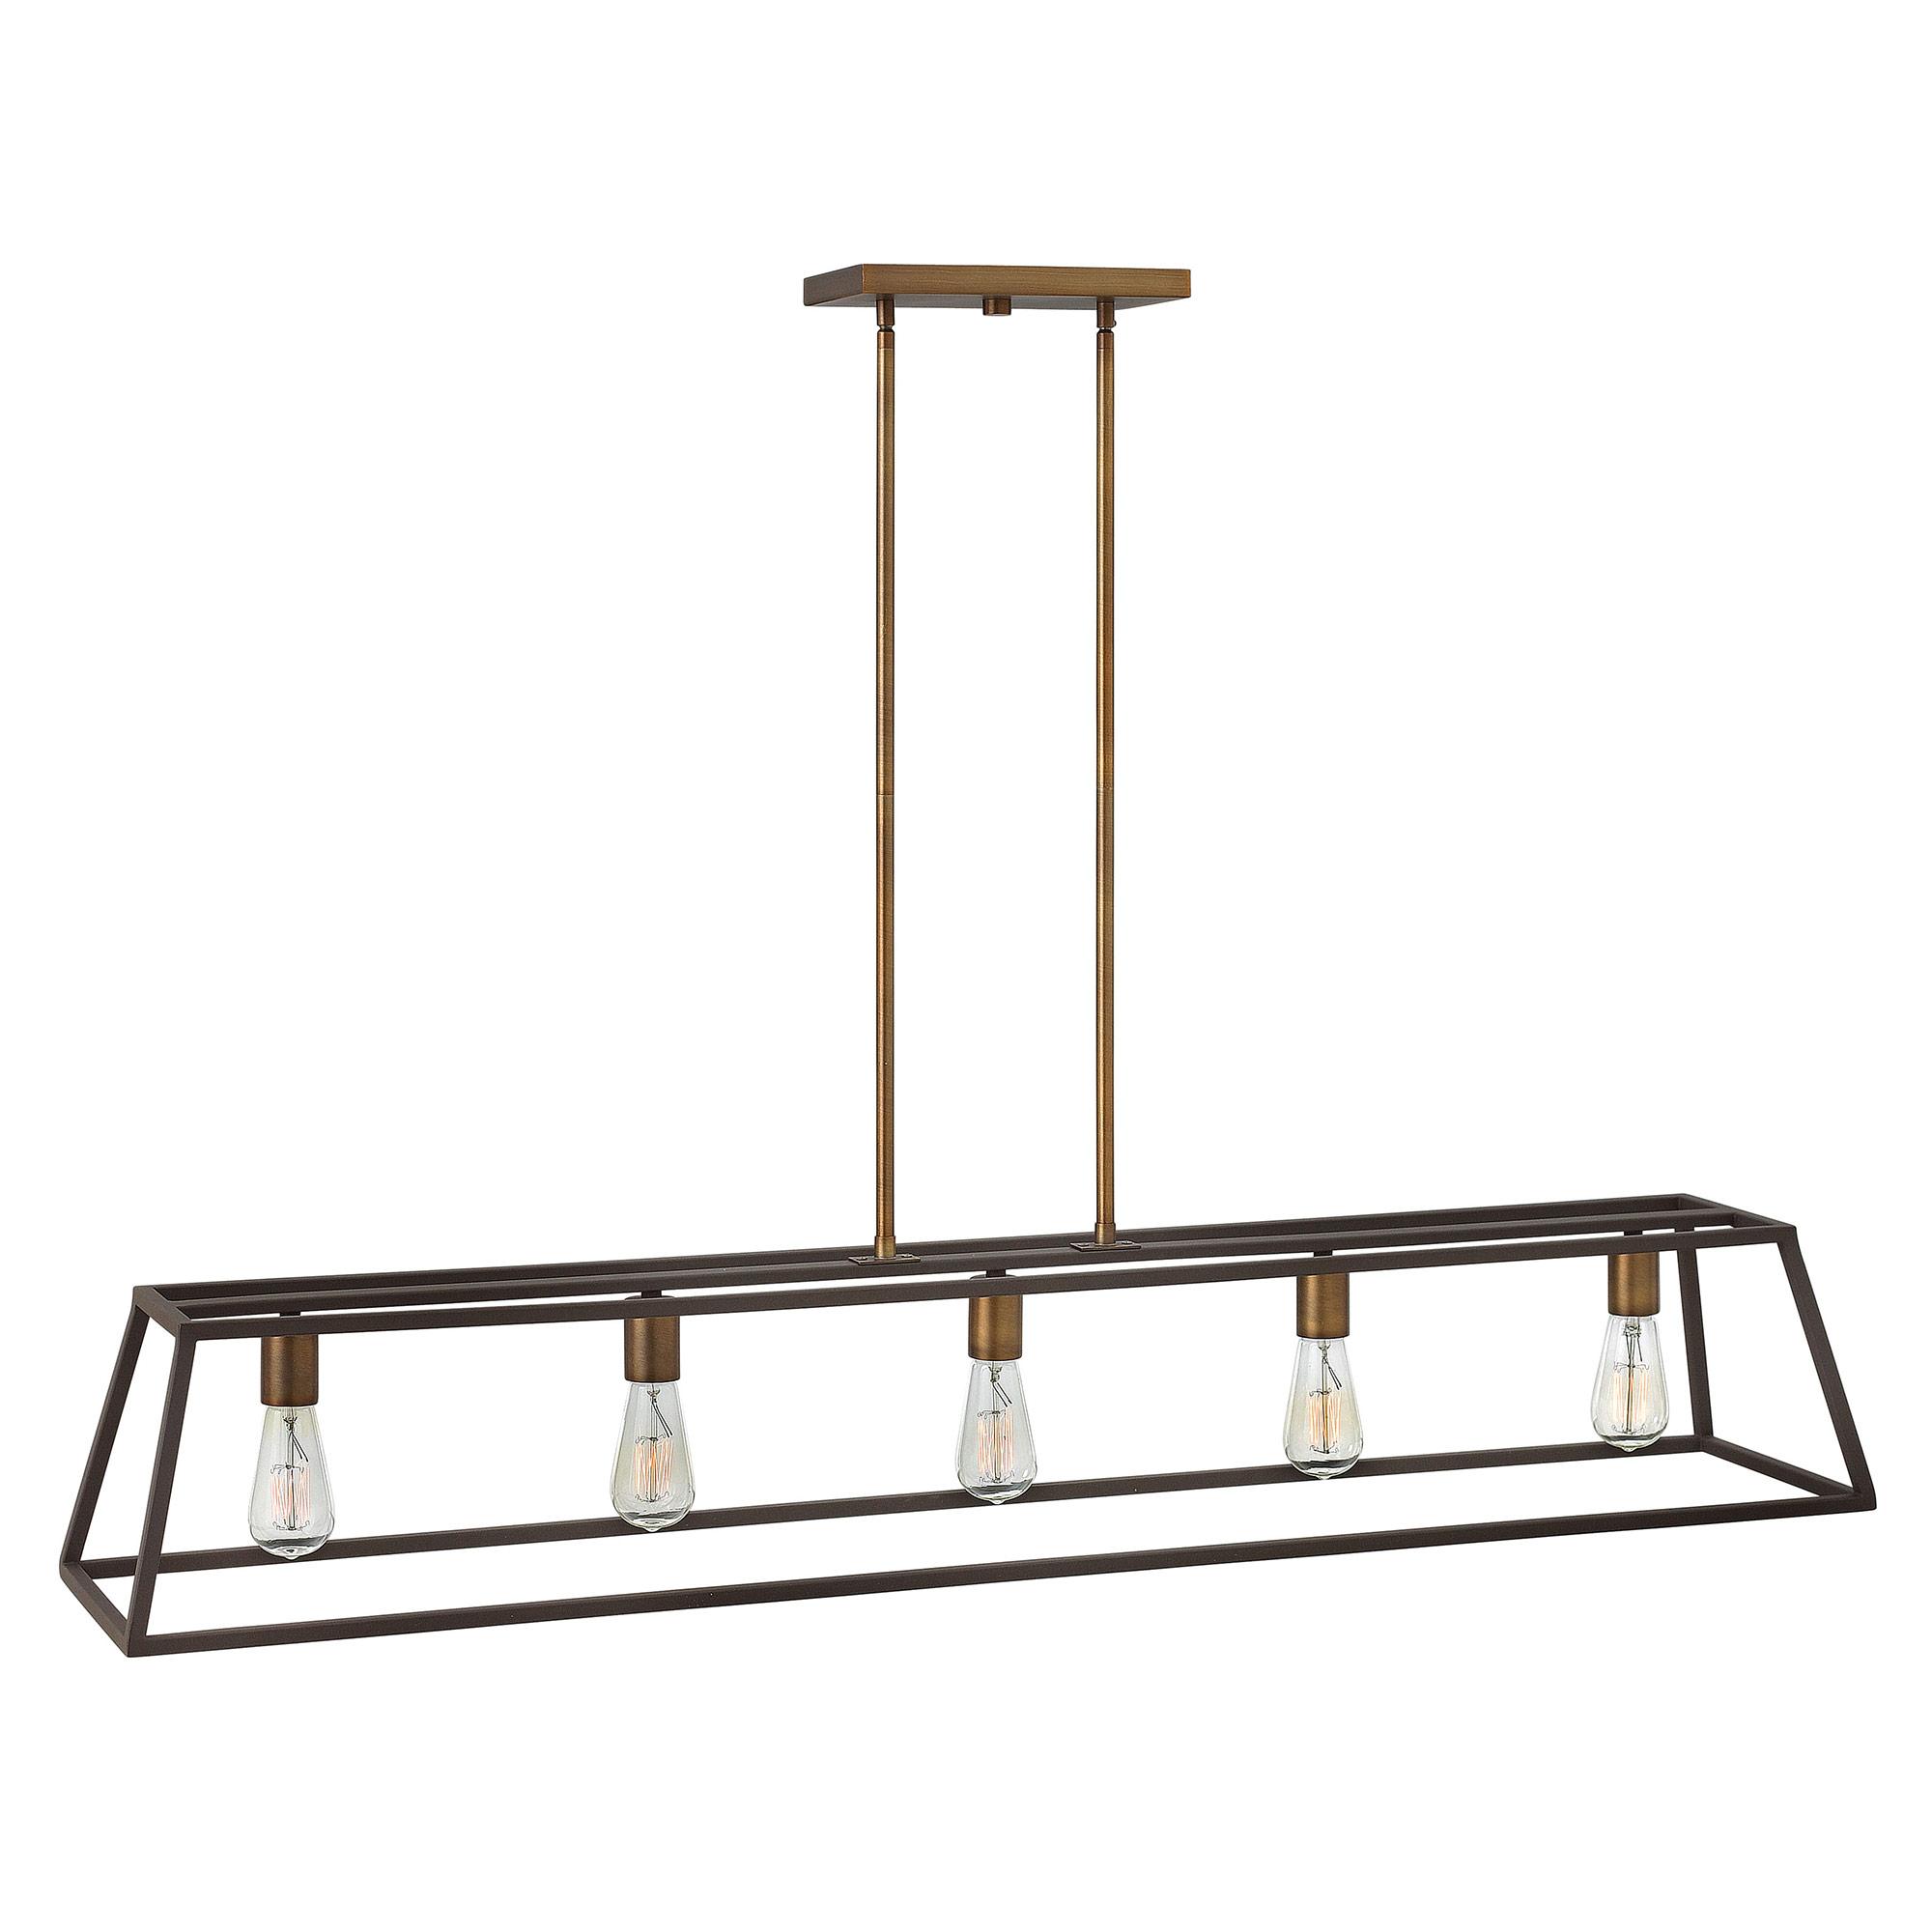 linear chandelier by hinkley lighting  bz - fulton linear chandelier by hinkley lighting  bz